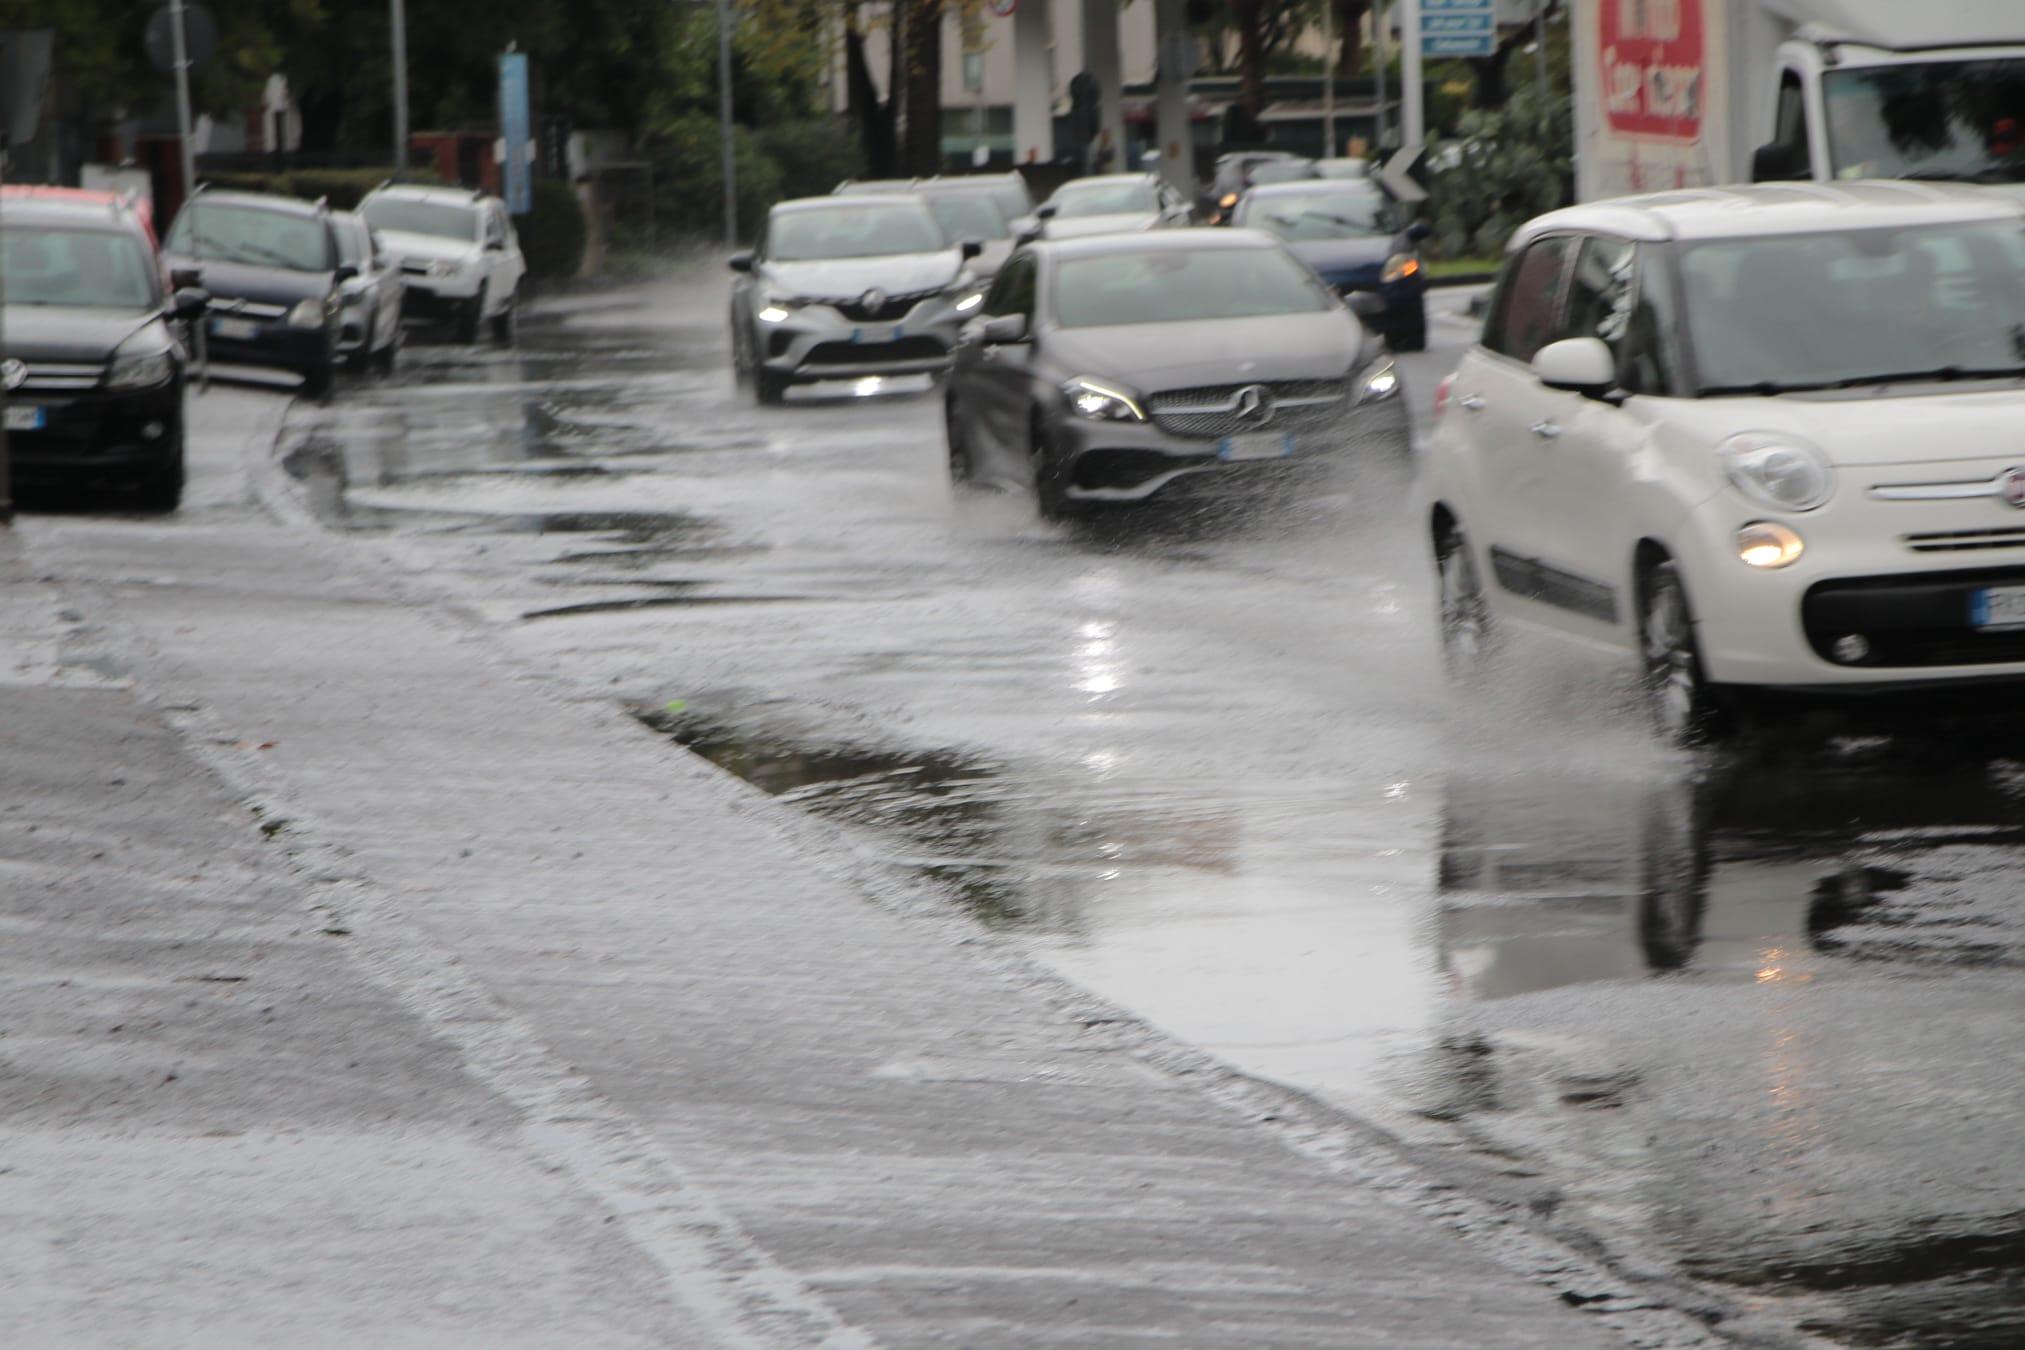 """Circonvallazione di Catania, maltempo e problemi strutturali. Ferrara: """"Occorrono opere e lavori a lungo termine"""""""